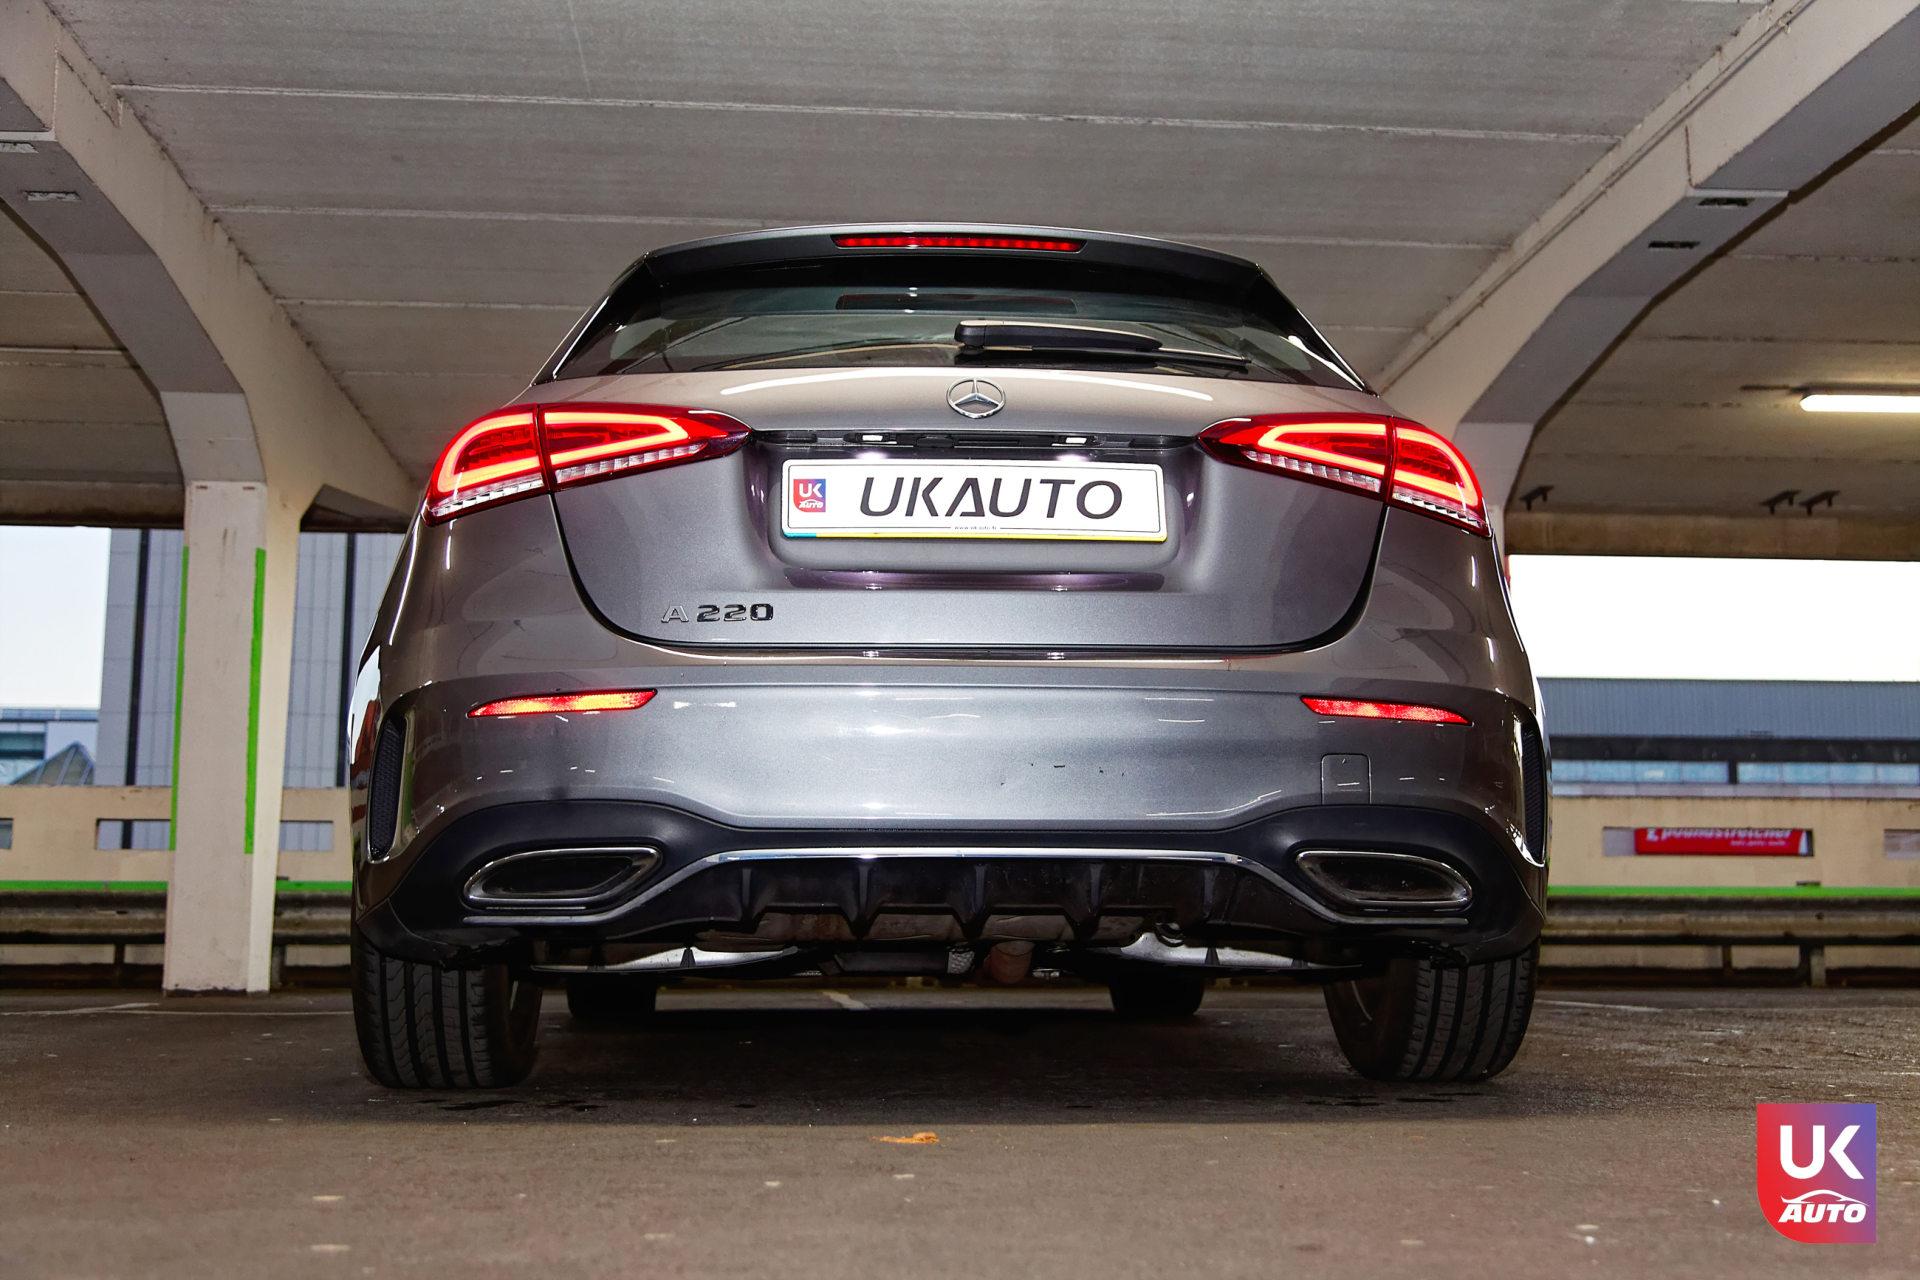 Mercedes uk mercedes angleterre mercedes a220 pack amg uk mercedes class a amg uk12 DxO - ACHAT ANGLETERRE MERCEDES C220 MERCEDES ANGLETERRE IMPORT UKAUTO.FR AUTOTRADER UK